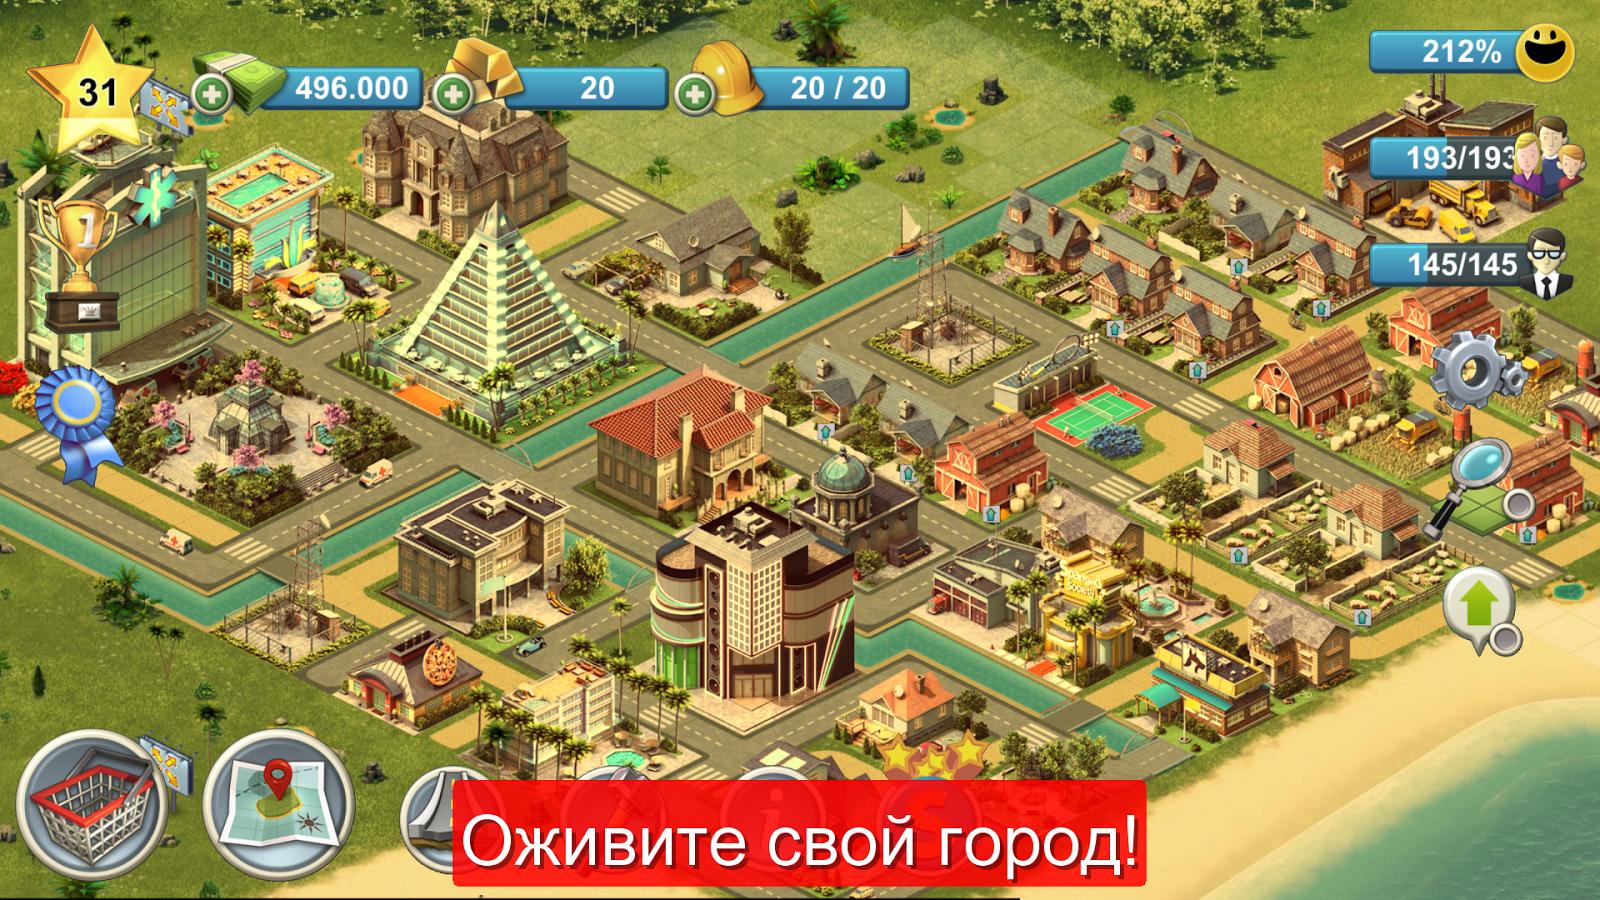 Скачать city island 3 на андроид.